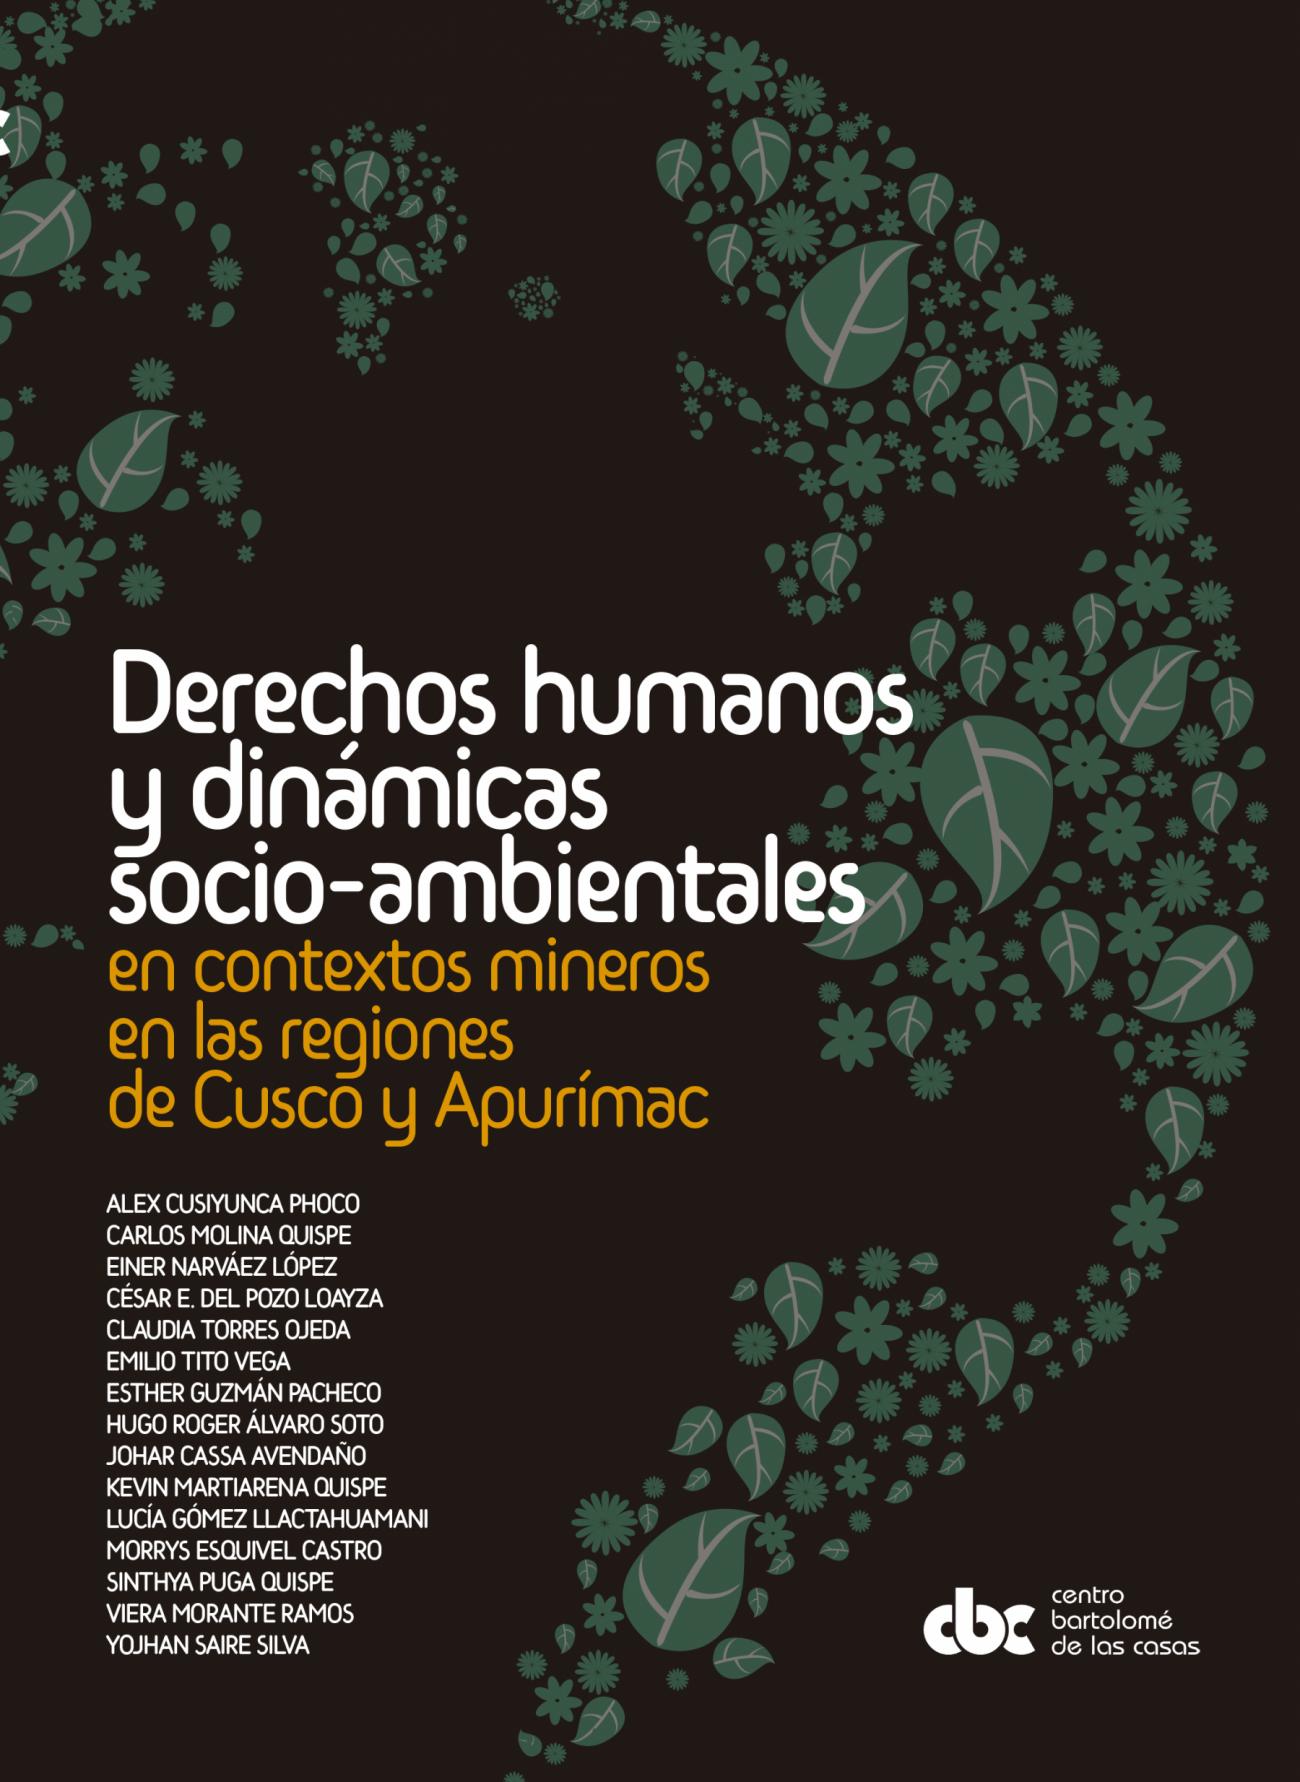 Derechos humanos y dinámicas socio ambientales